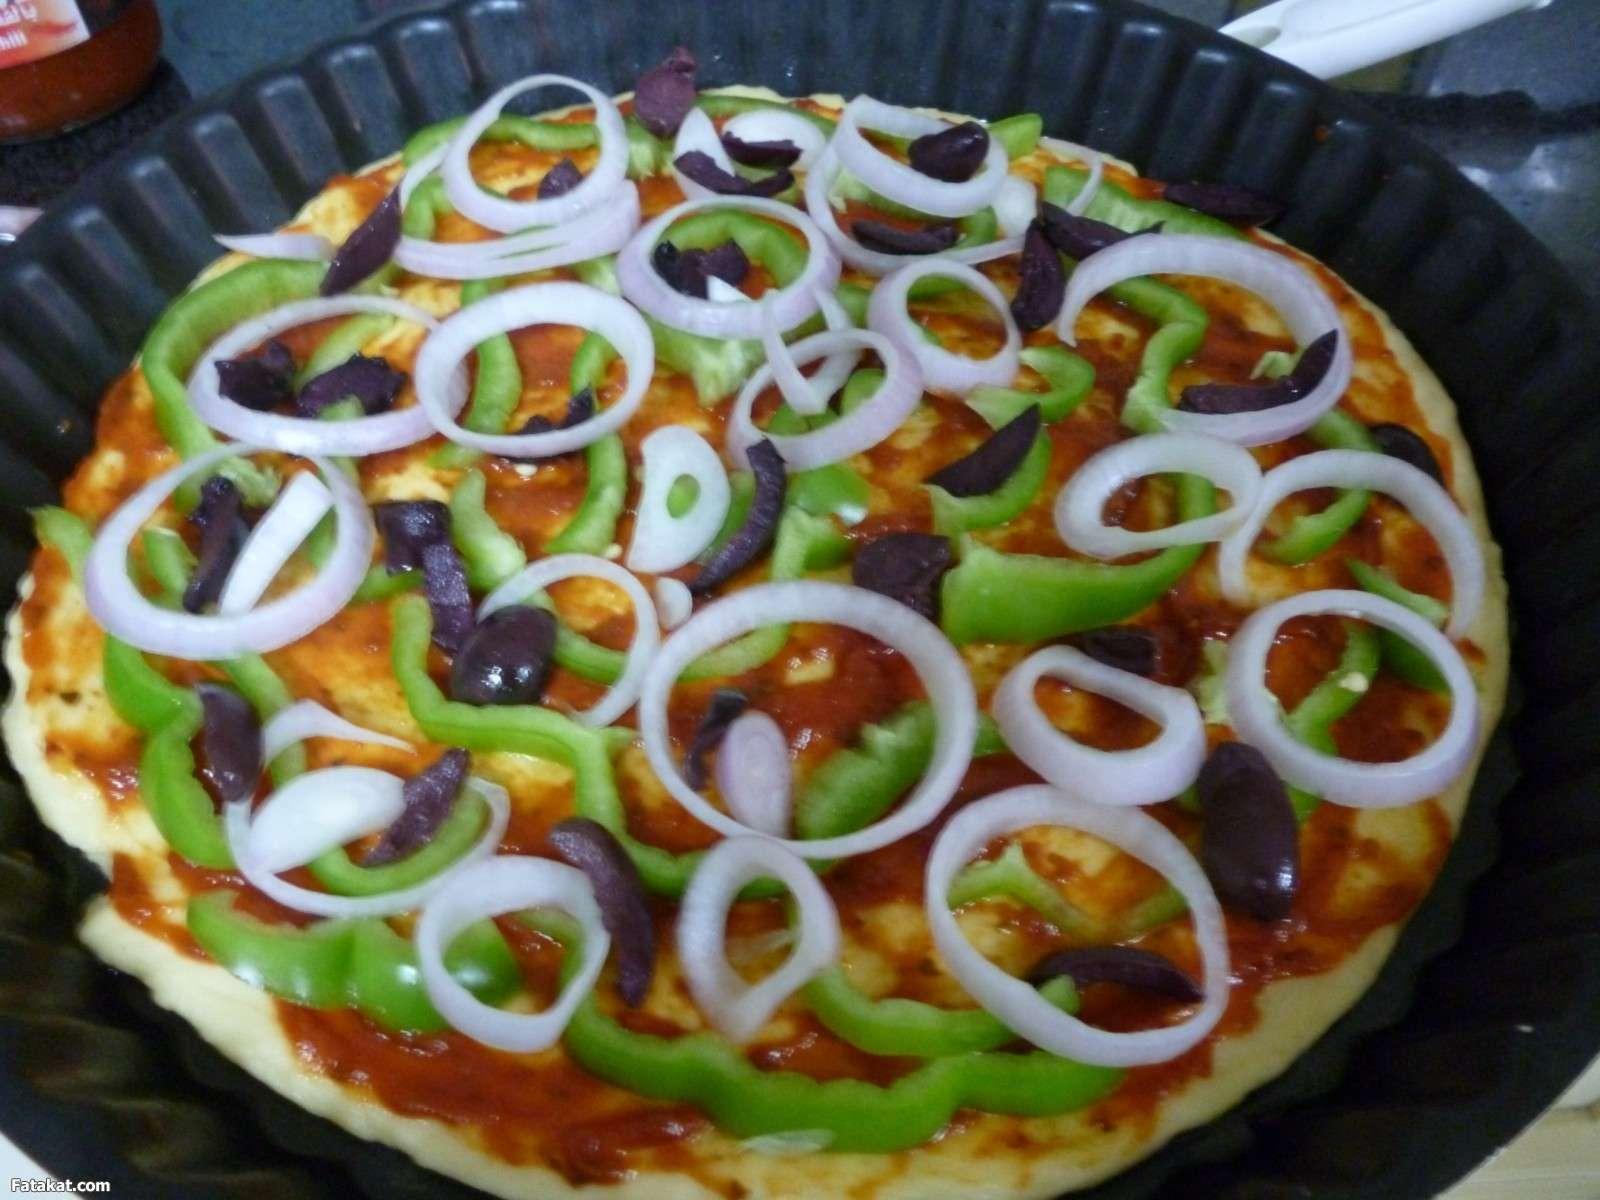 بالصور صور بيتزا , البيتزات الايطالية 6231 4